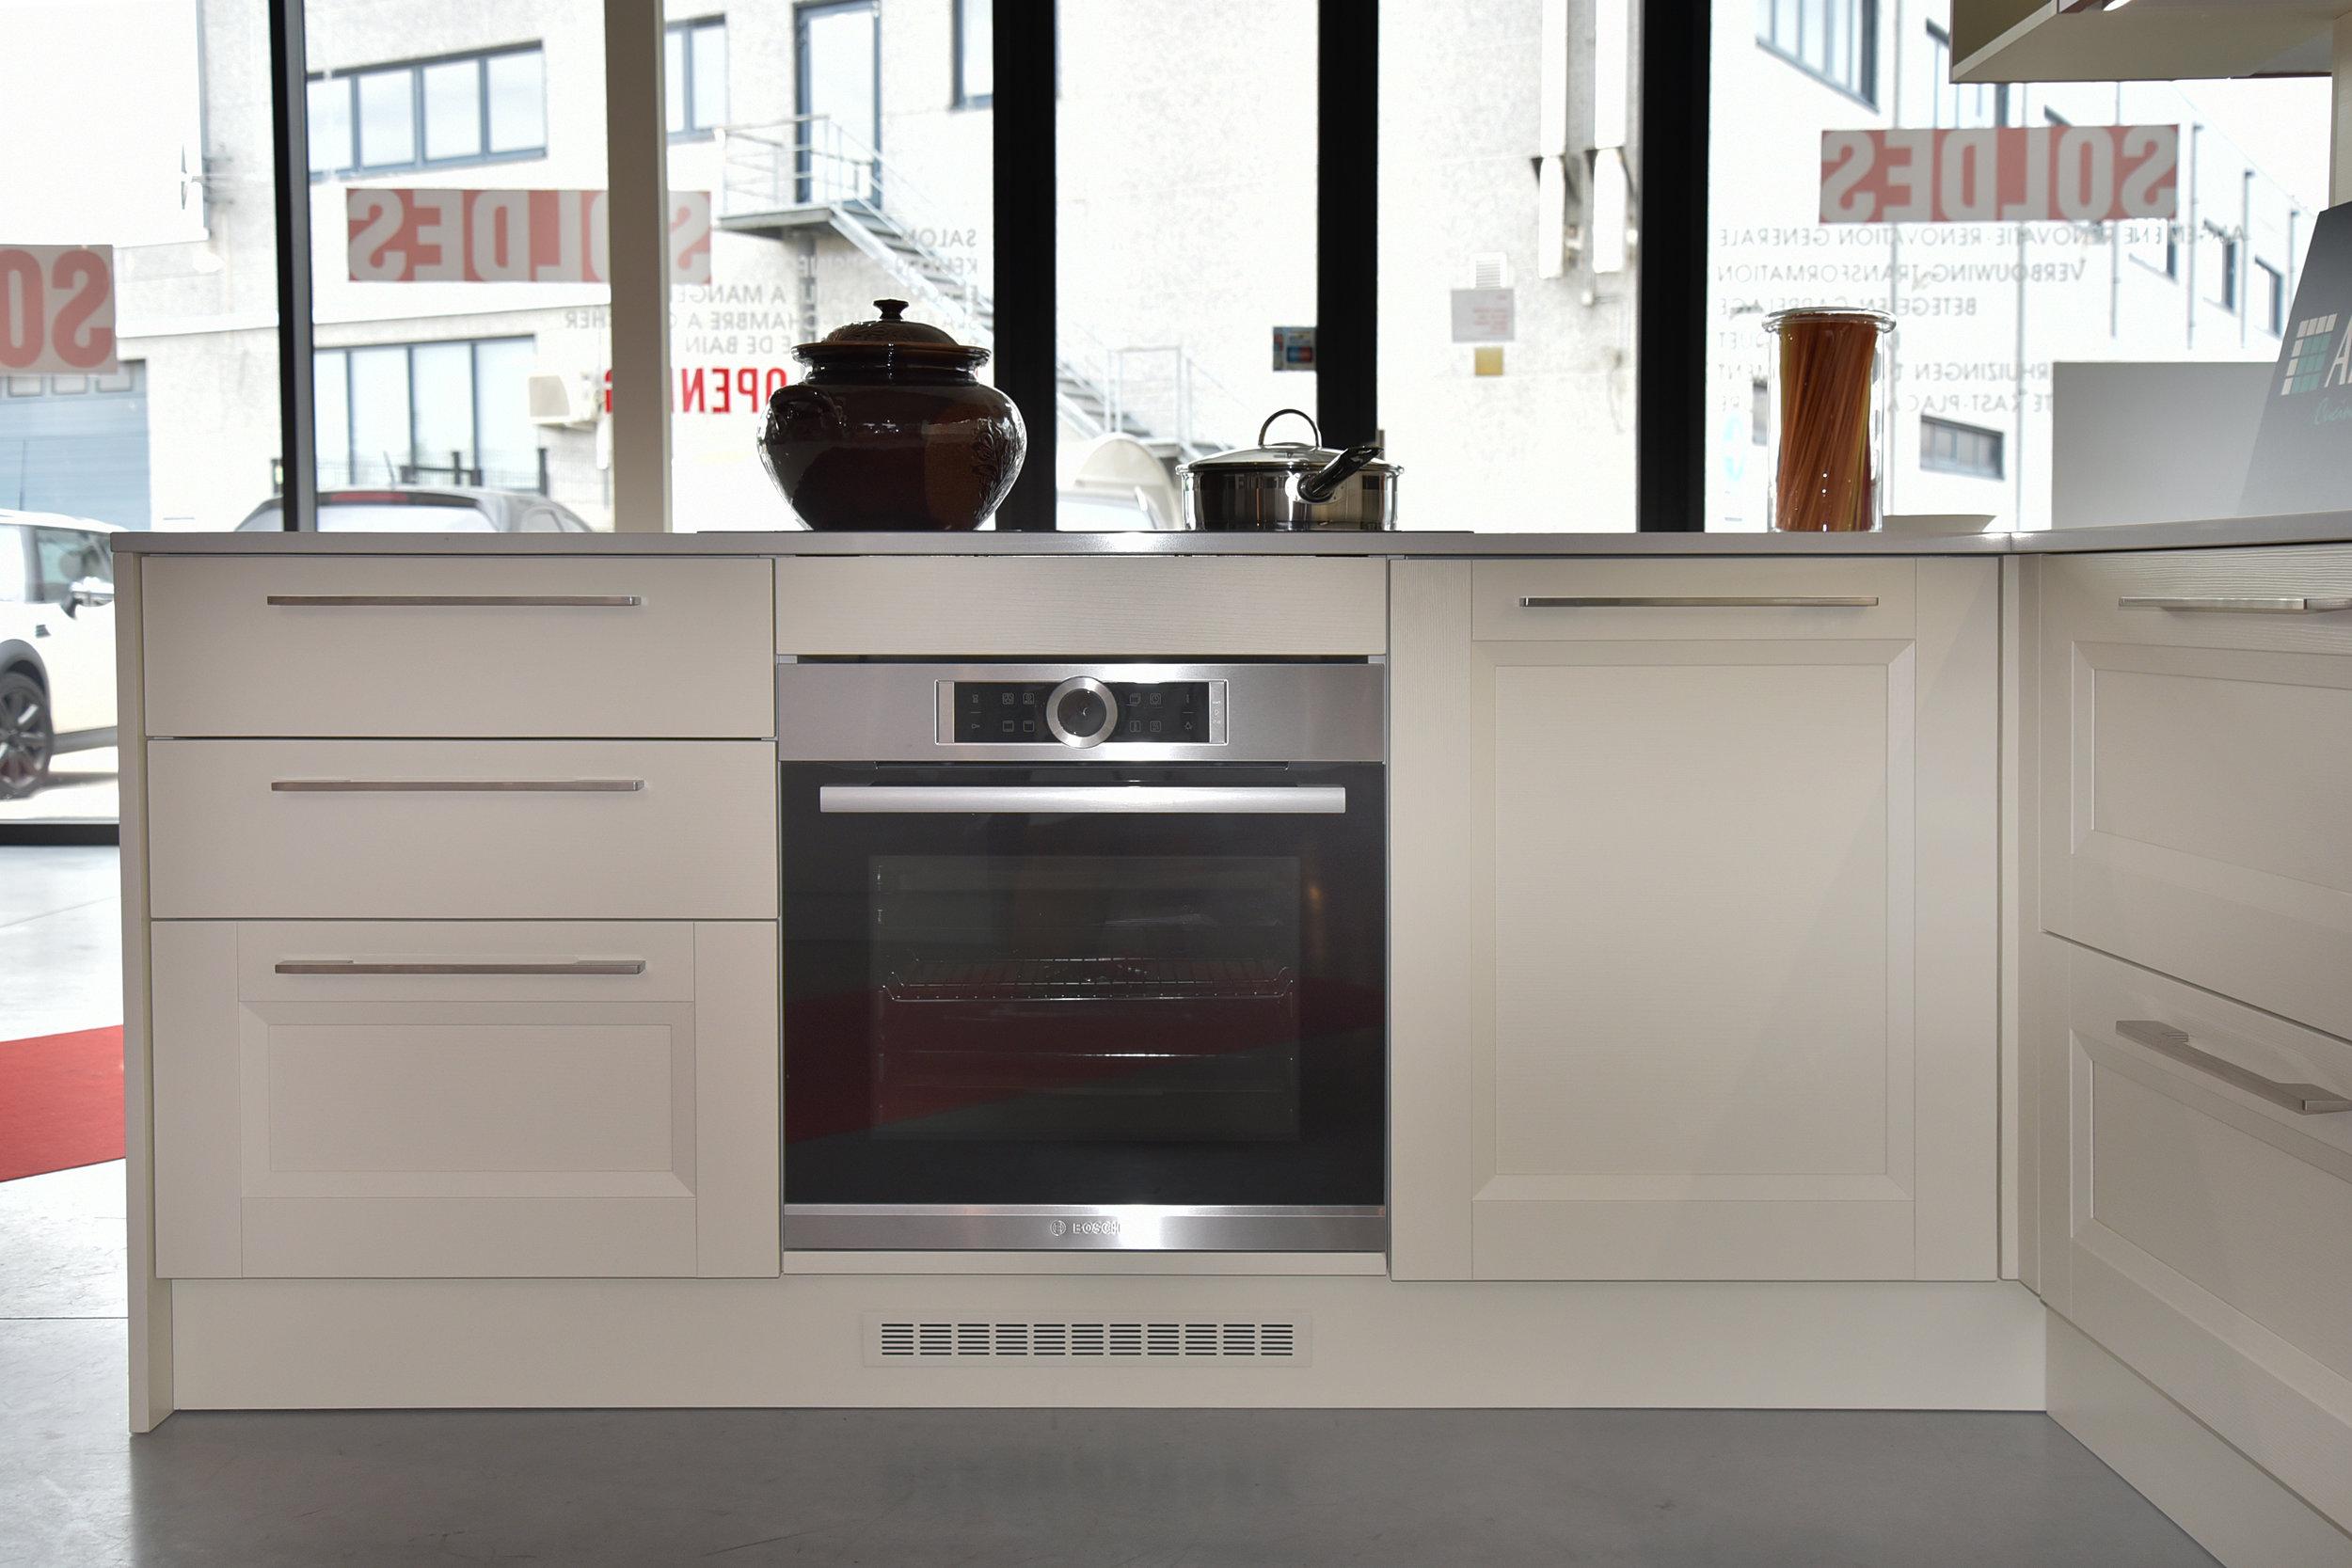 cucina 02 - 07.jpg